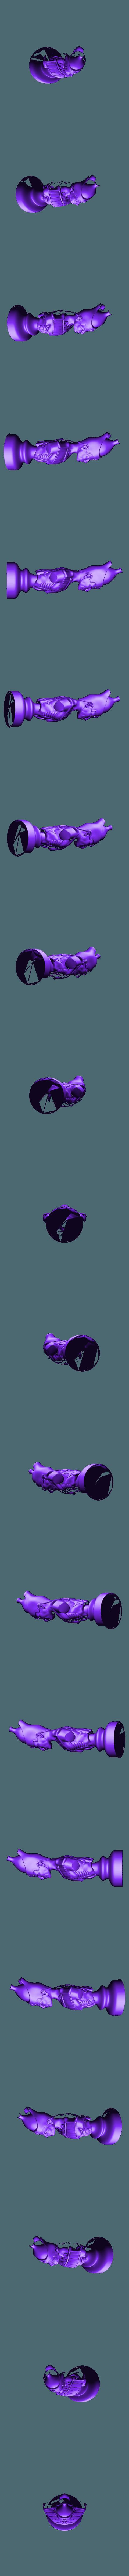 Bishop.stl Télécharger fichier STL gratuit Les échecs égyptiens : vivants ou morts • Modèle à imprimer en 3D, MartinHaurane